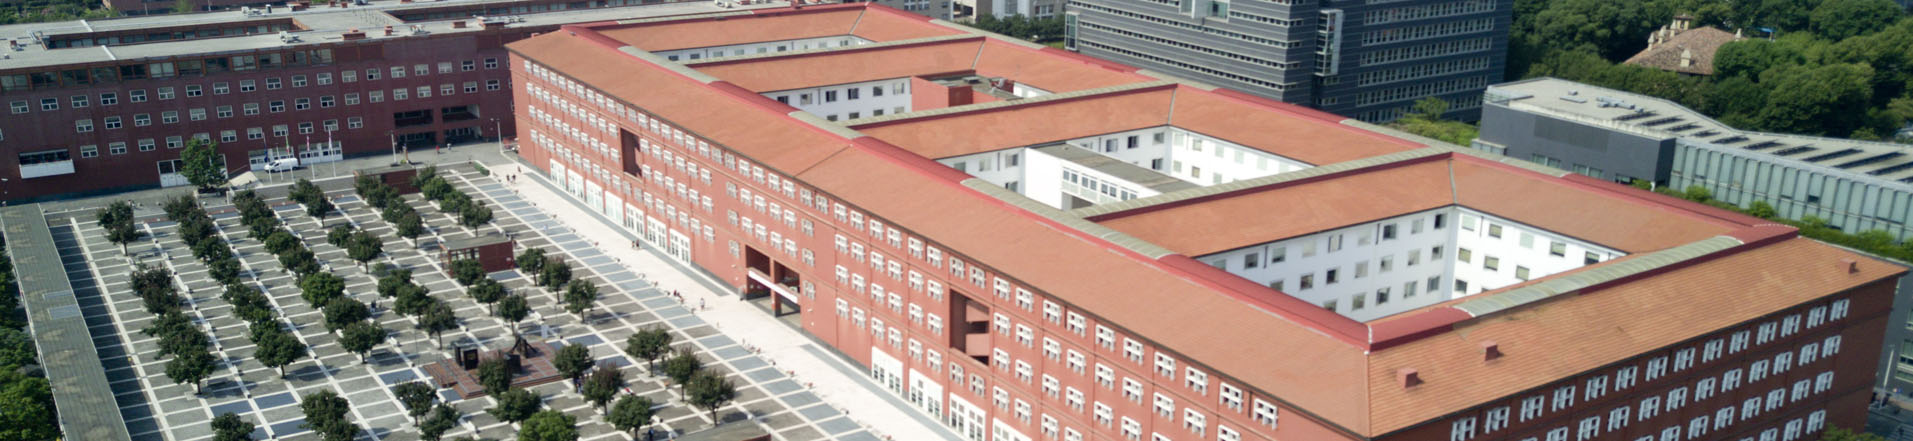 edificio U6 vista aerea